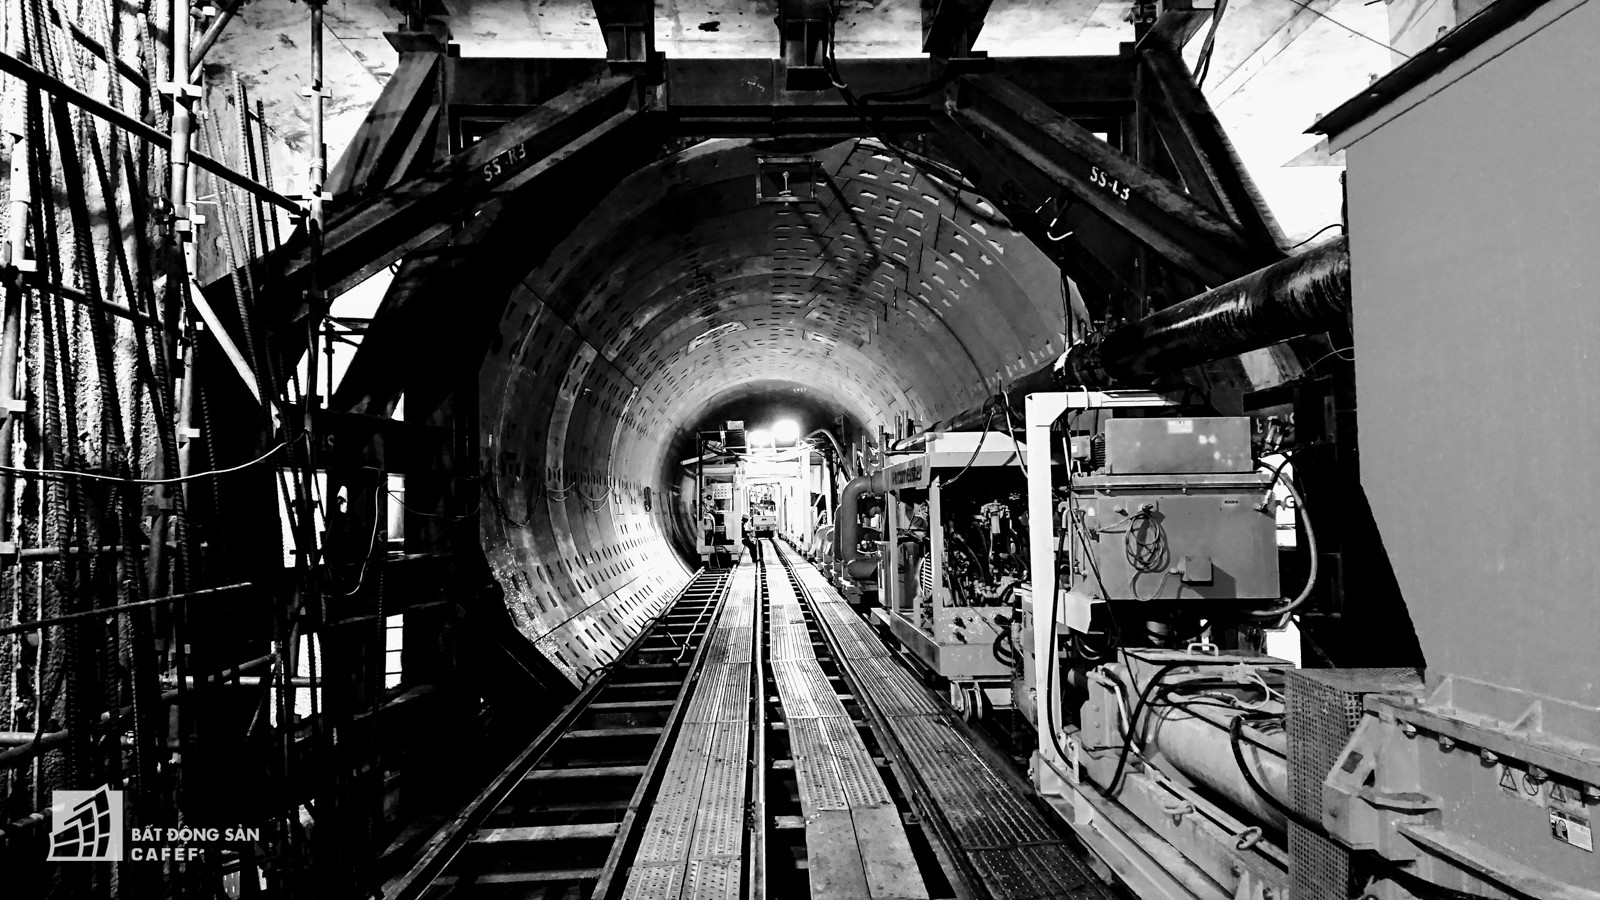 Ngắm đường hầm tàu điện đầu tiên tại Việt Nam sâu 17m dưới lòng đất Sài Gòn - Ảnh 3.